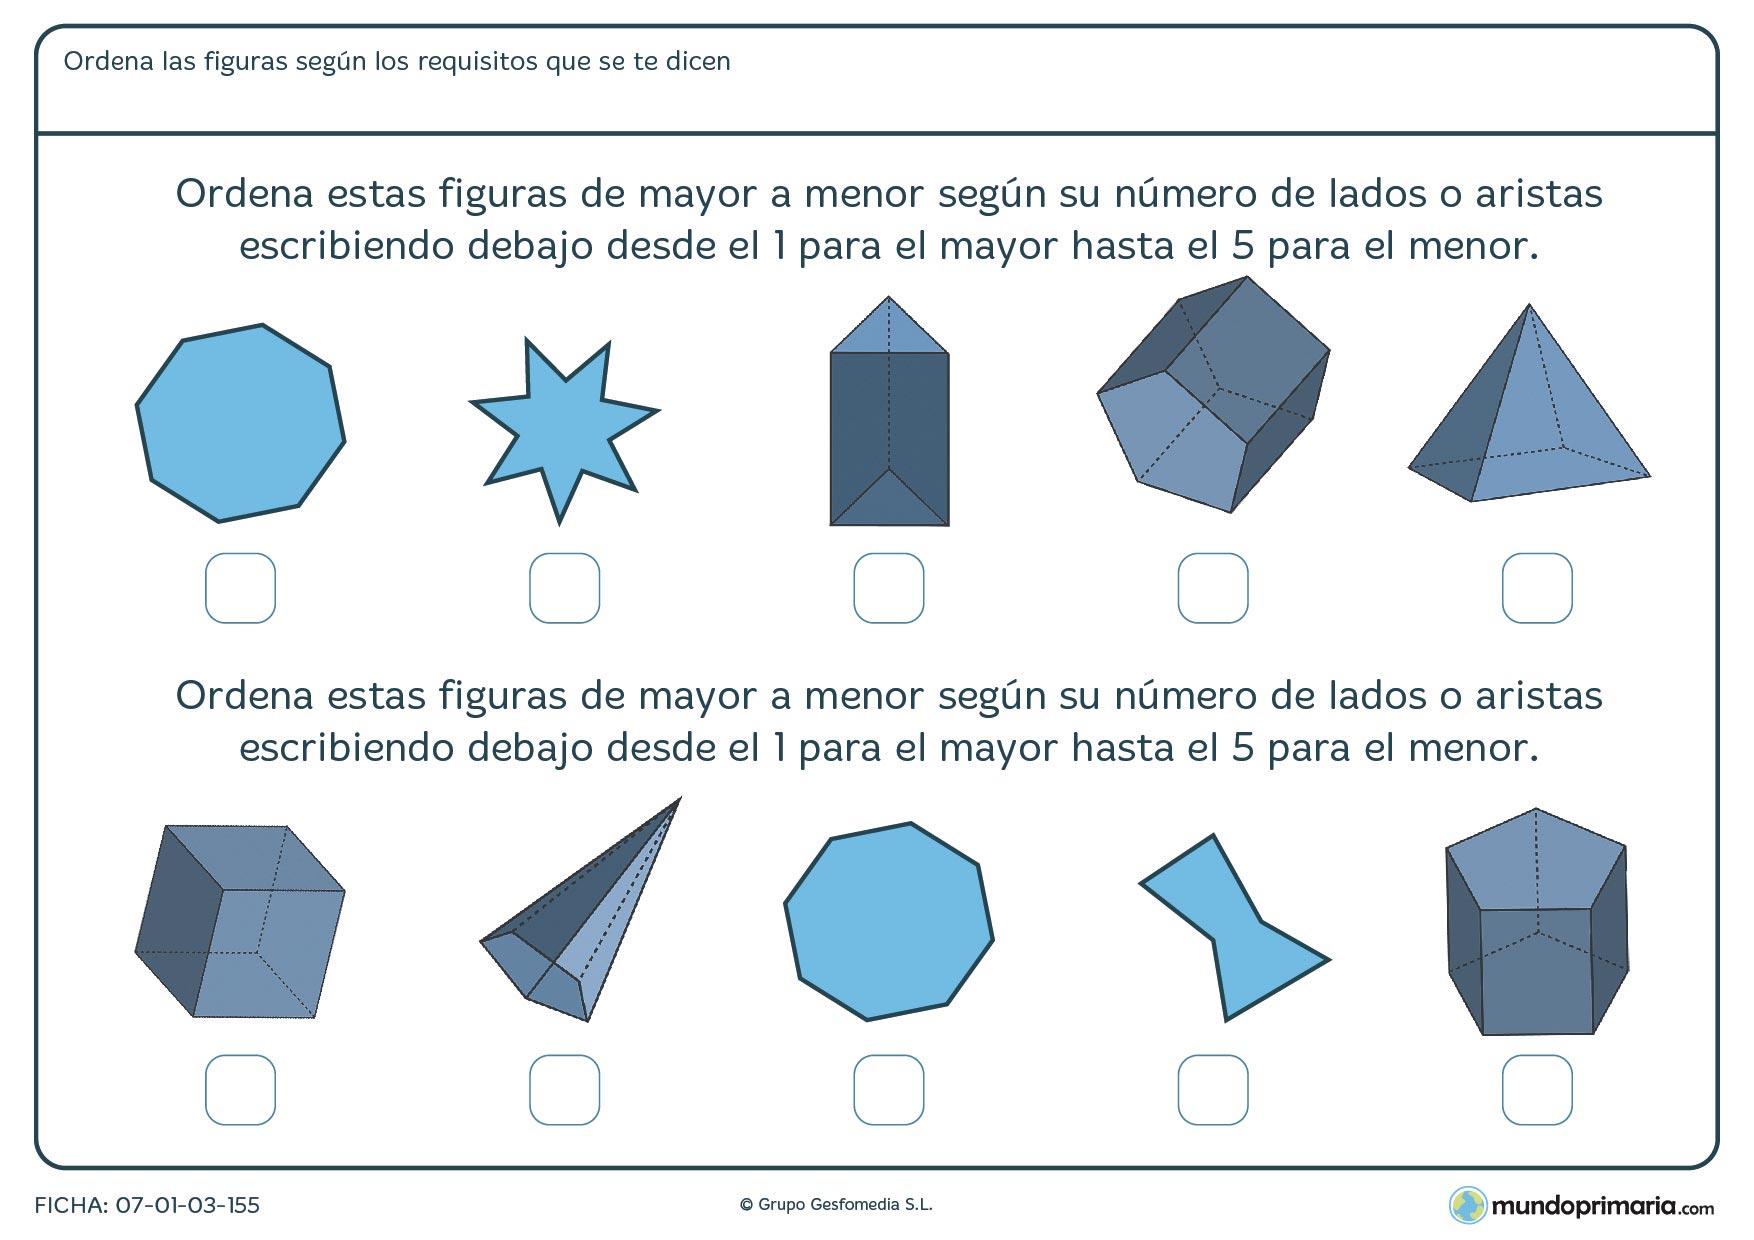 Ficha de aristas para ordenar por su número de mayor a menosr, las siguientes figuras geométricas.